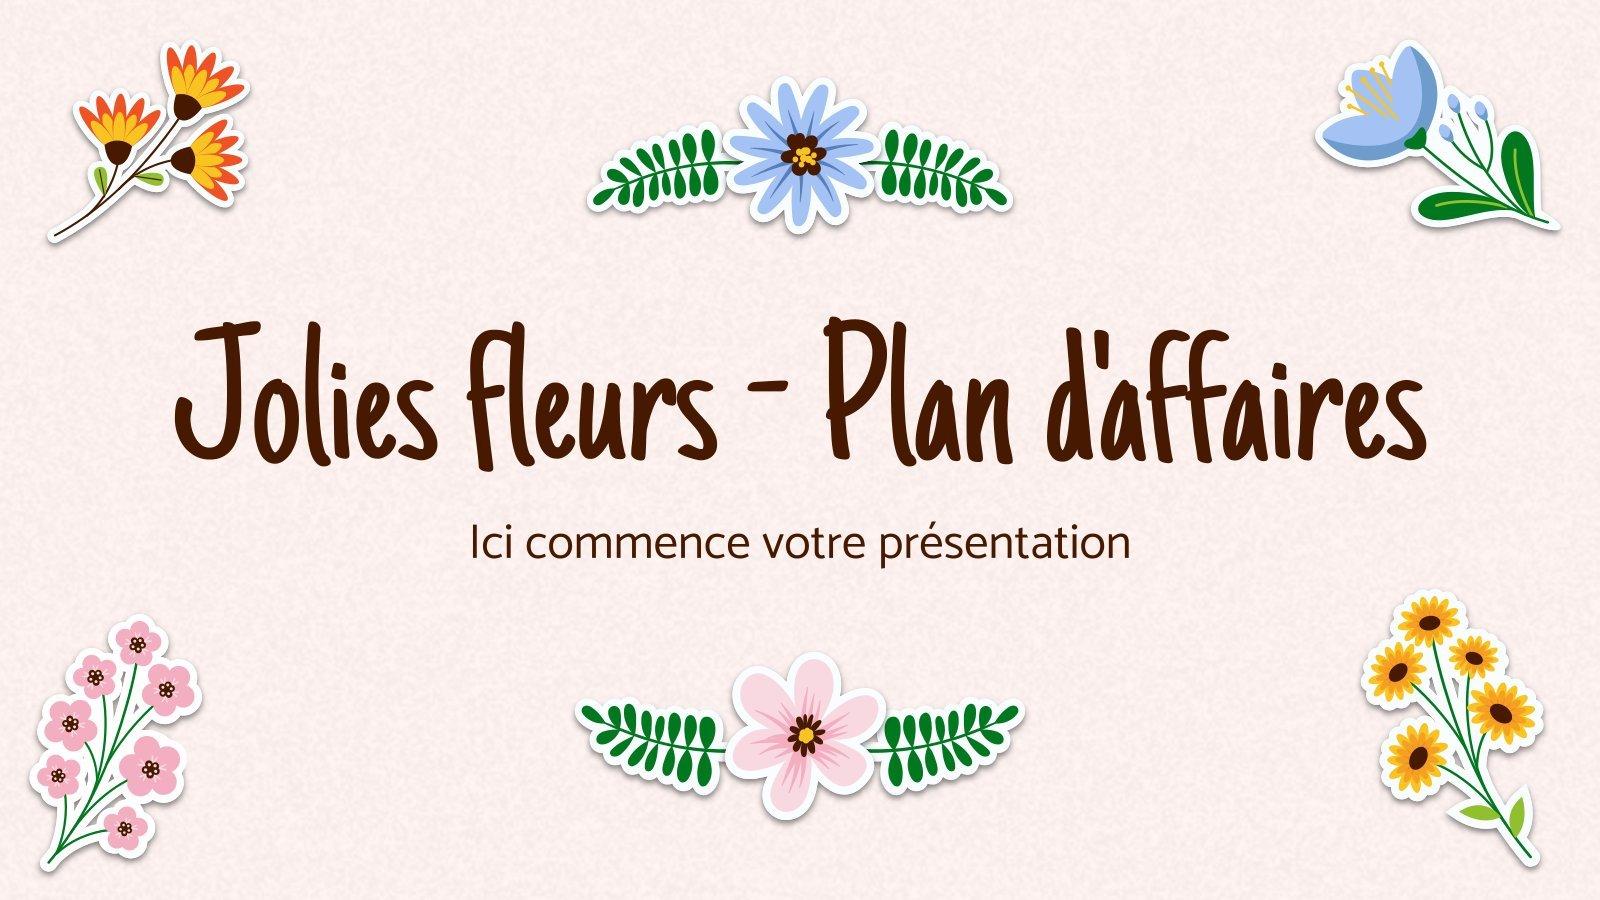 Plantilla de presentación Jolies fleurs - Plan d'affaires